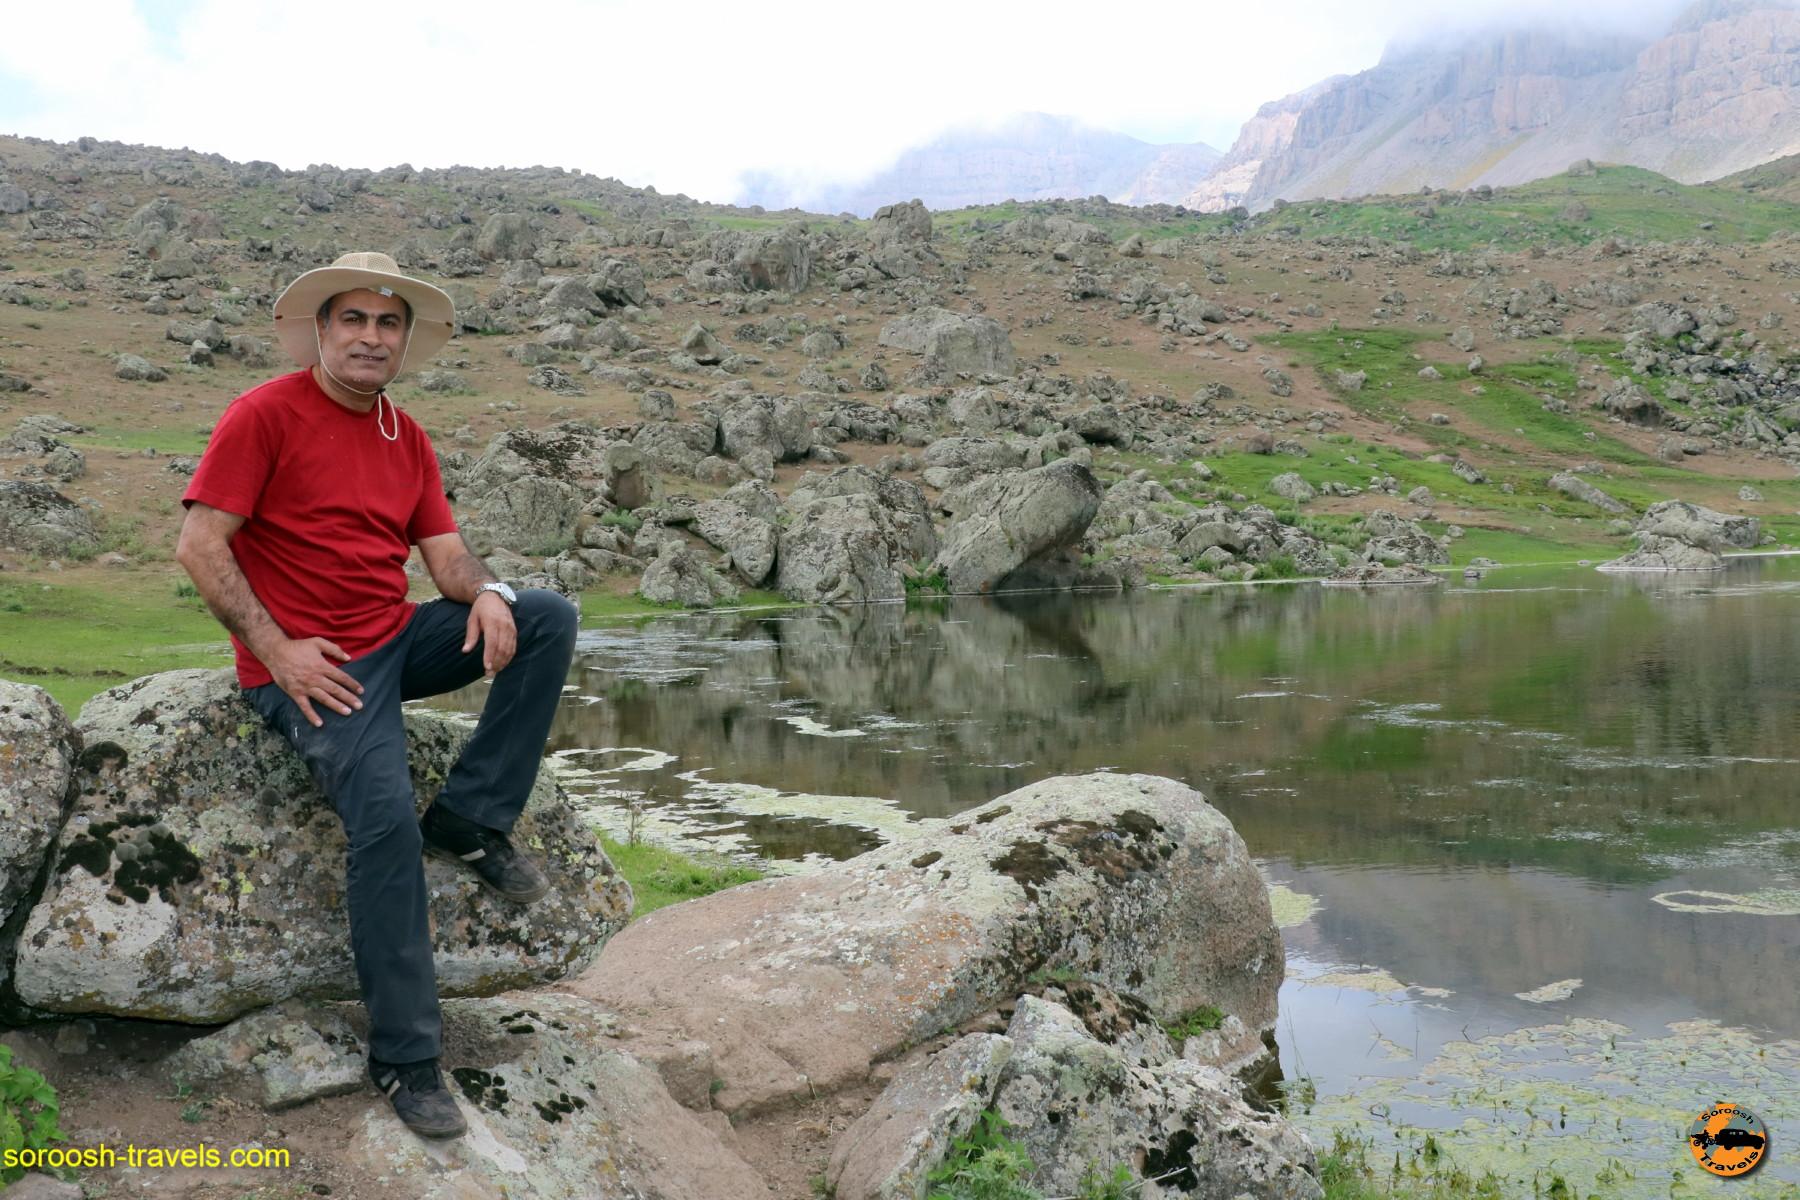 مناطق اطراف منطقه نئور - تابستان ۱۳۹۶